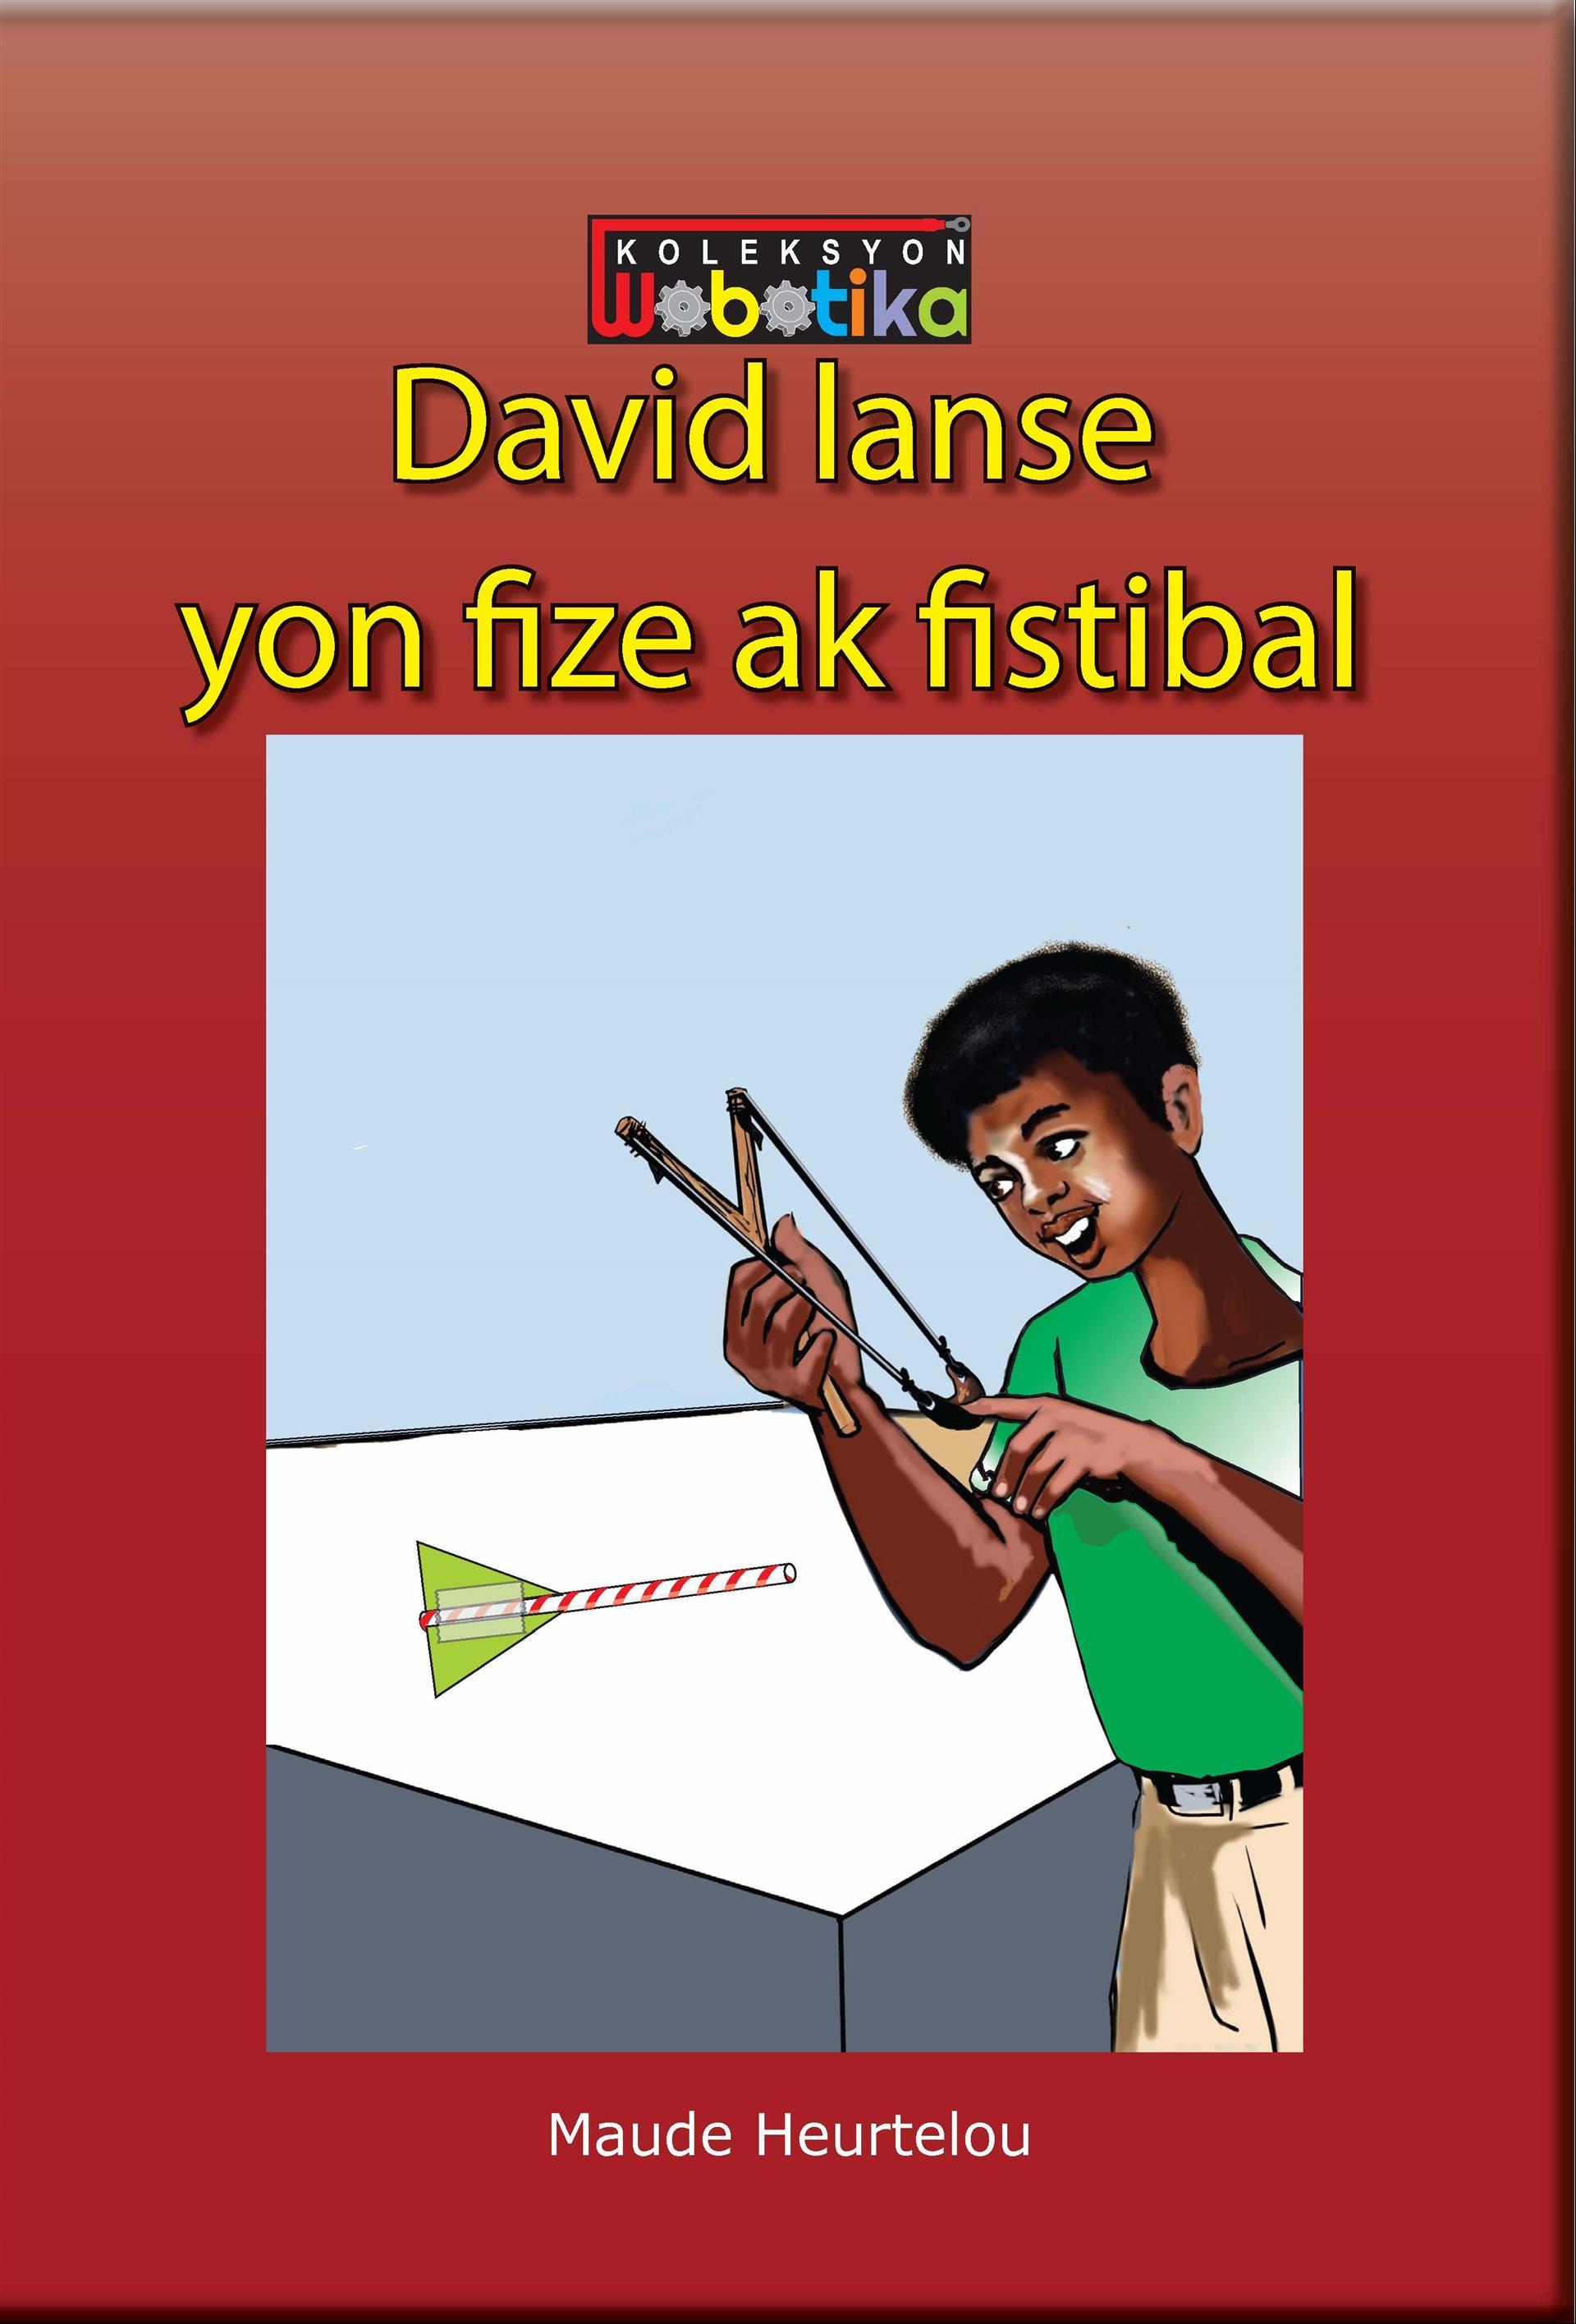 David lanse yon fize ak fistibal (BIG BOOK)